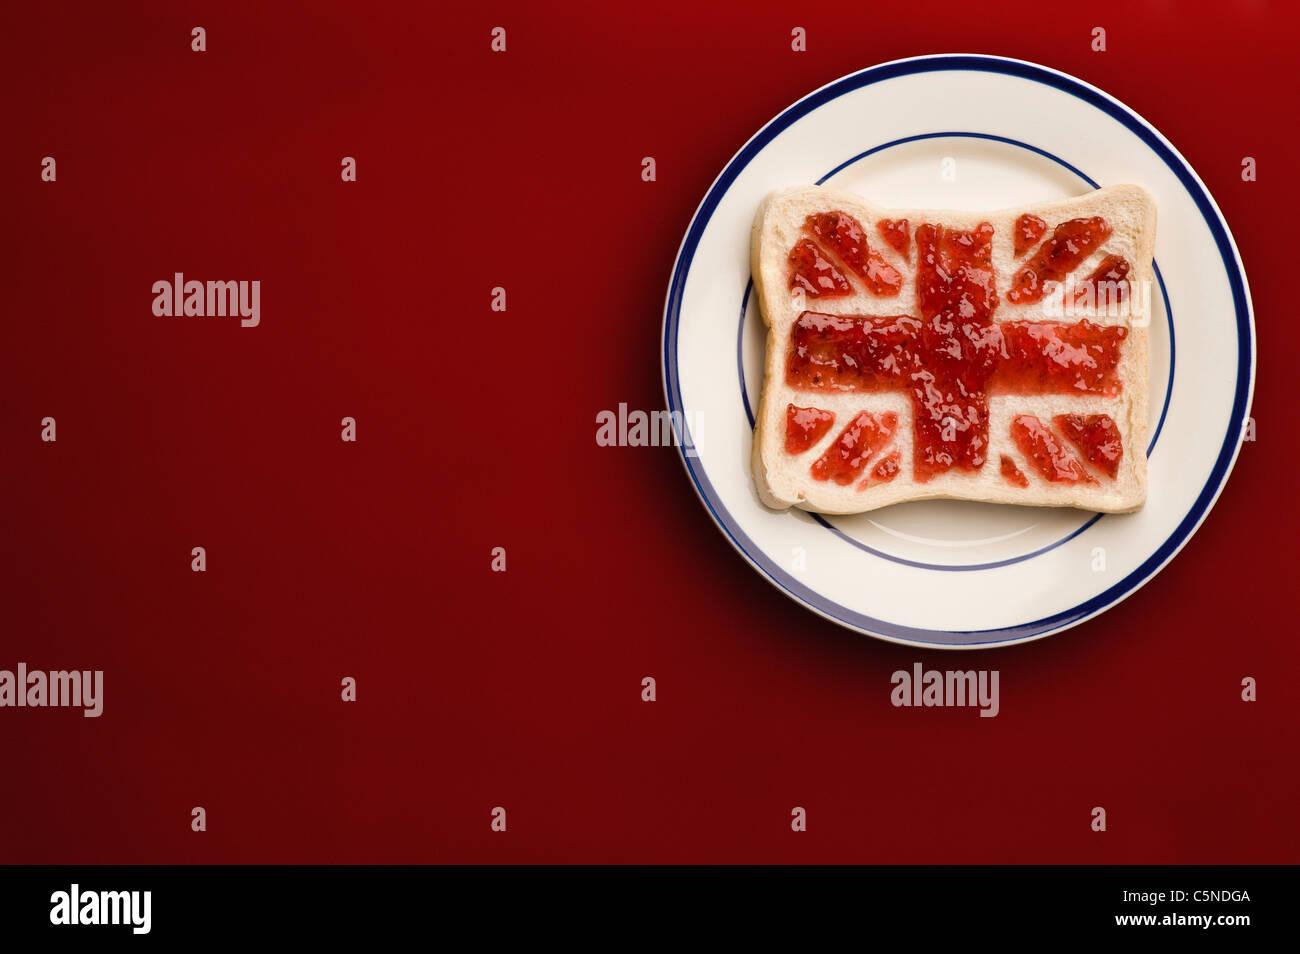 Eine Scheibe Brot mit einem Union Jack-Flagge Erdbeermarmelade Stockfoto